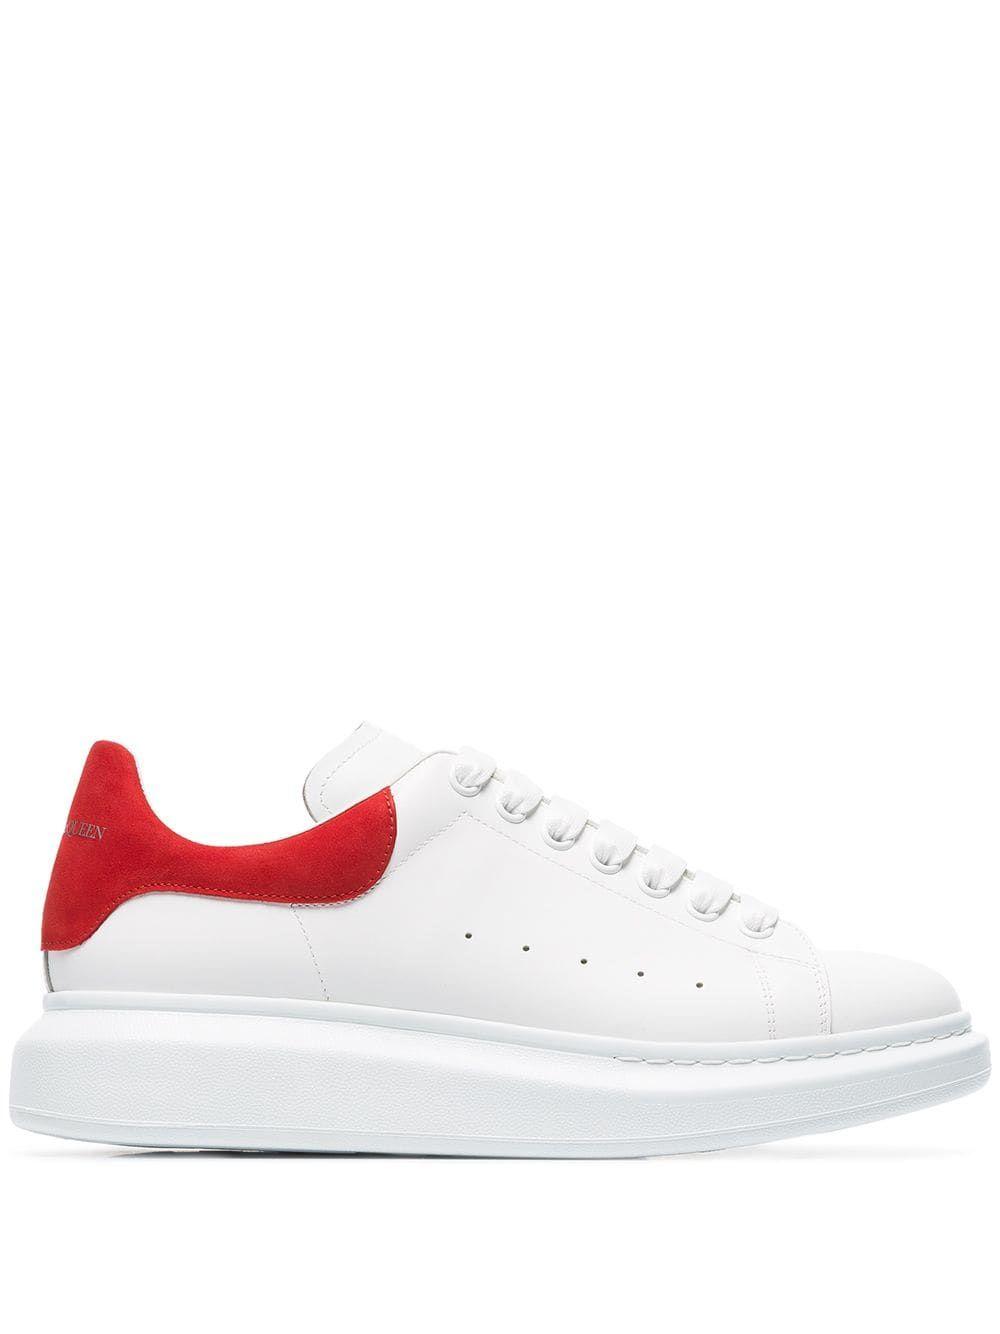 c66ed2999c17 ALEXANDER MCQUEEN ALEXANDER MCQUEEN WHITE CHUNKY LEATHER LOW-TOP SNEAKERS.   alexandermcqueen  shoes